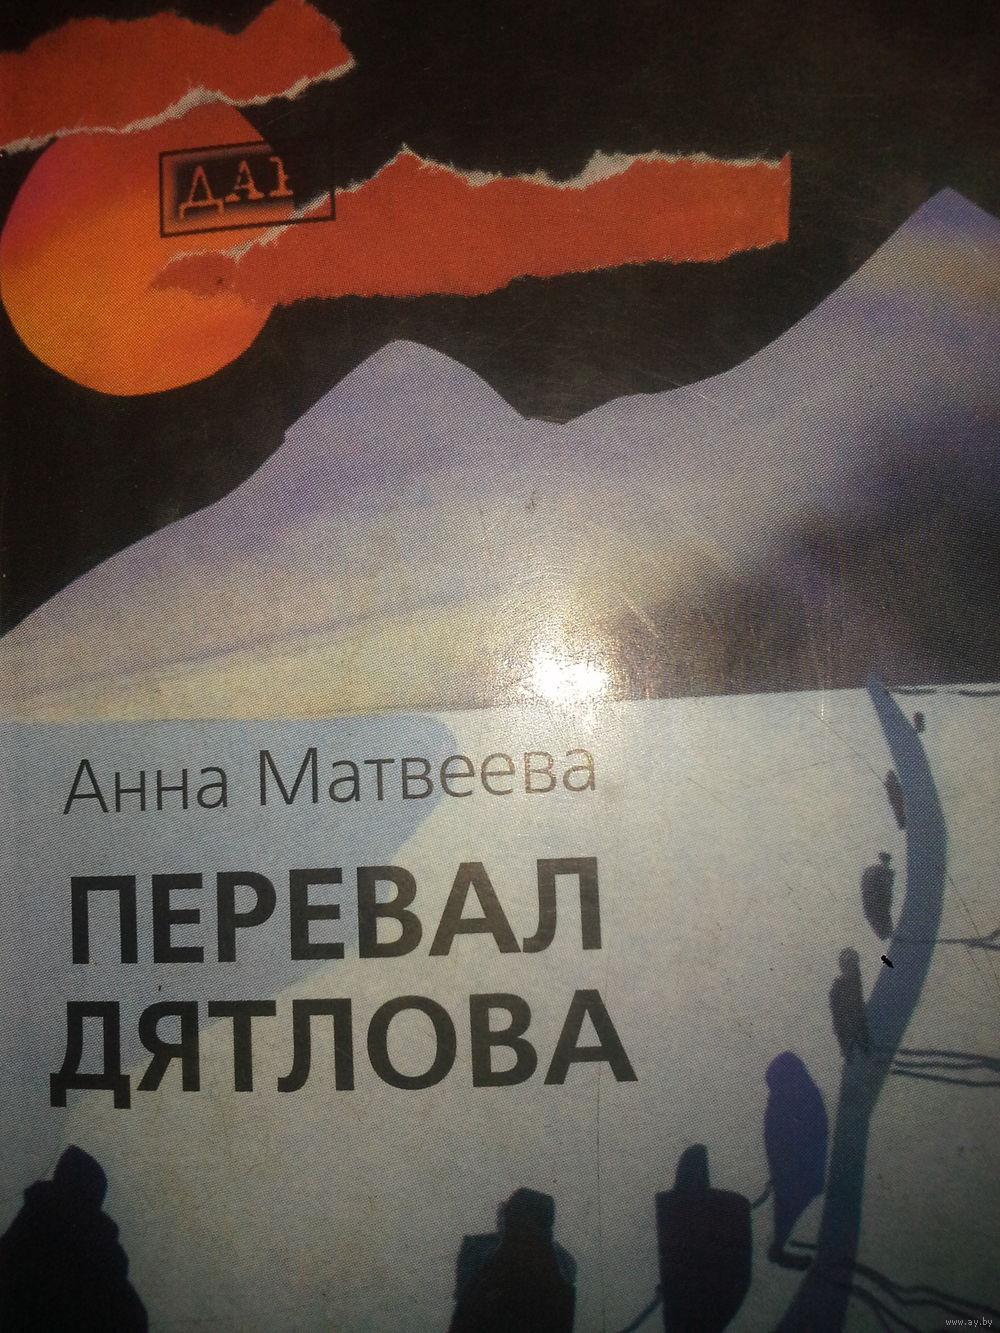 АННА МАТВЕЕВА ПЕРЕВАЛ ДЯТЛОВА FB2 СКАЧАТЬ БЕСПЛАТНО